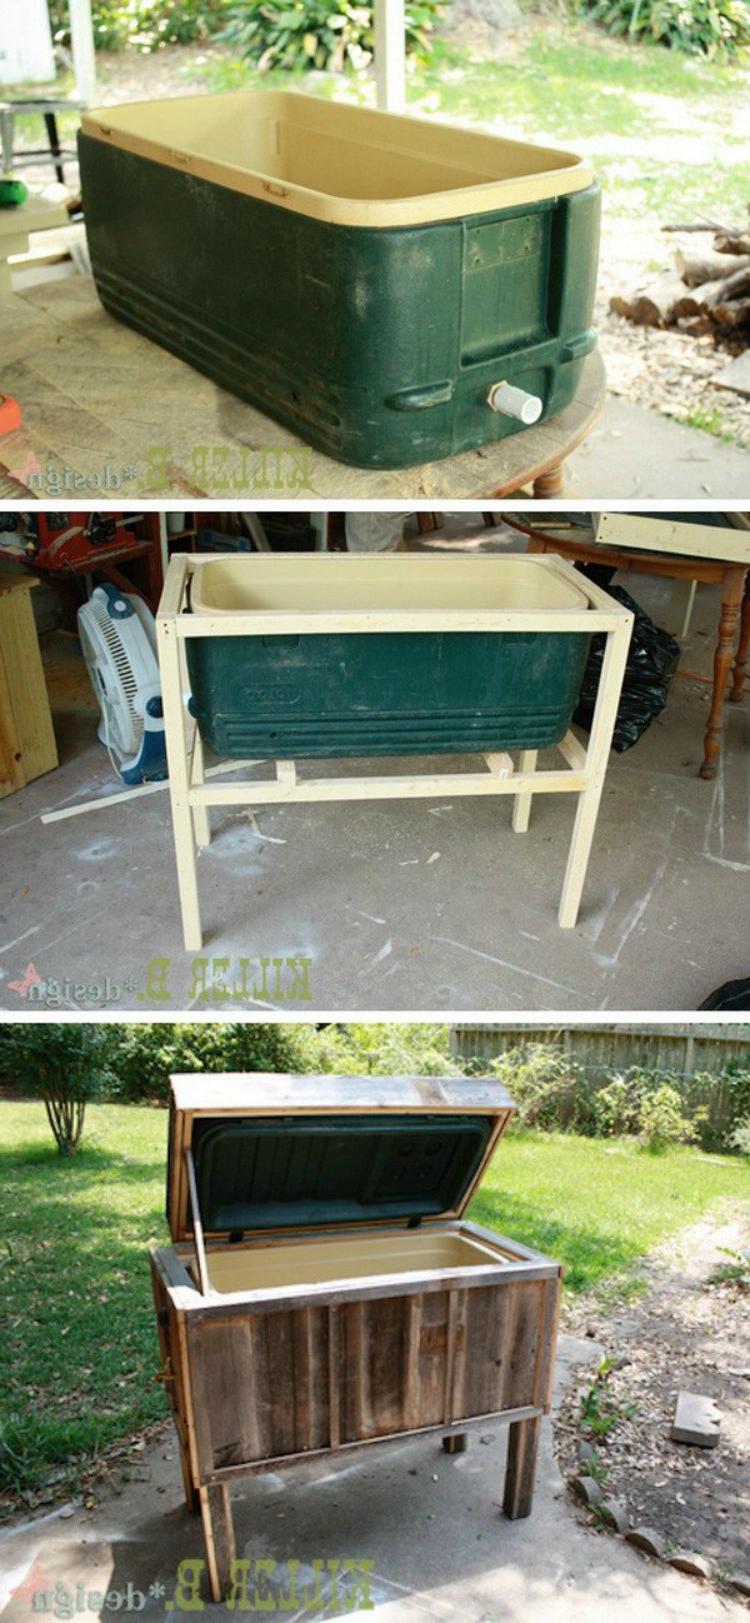 Reciclar Muebles Bqdd 12 Ideas Para Reciclar Muebles Viejos Y Darles Una Segunda